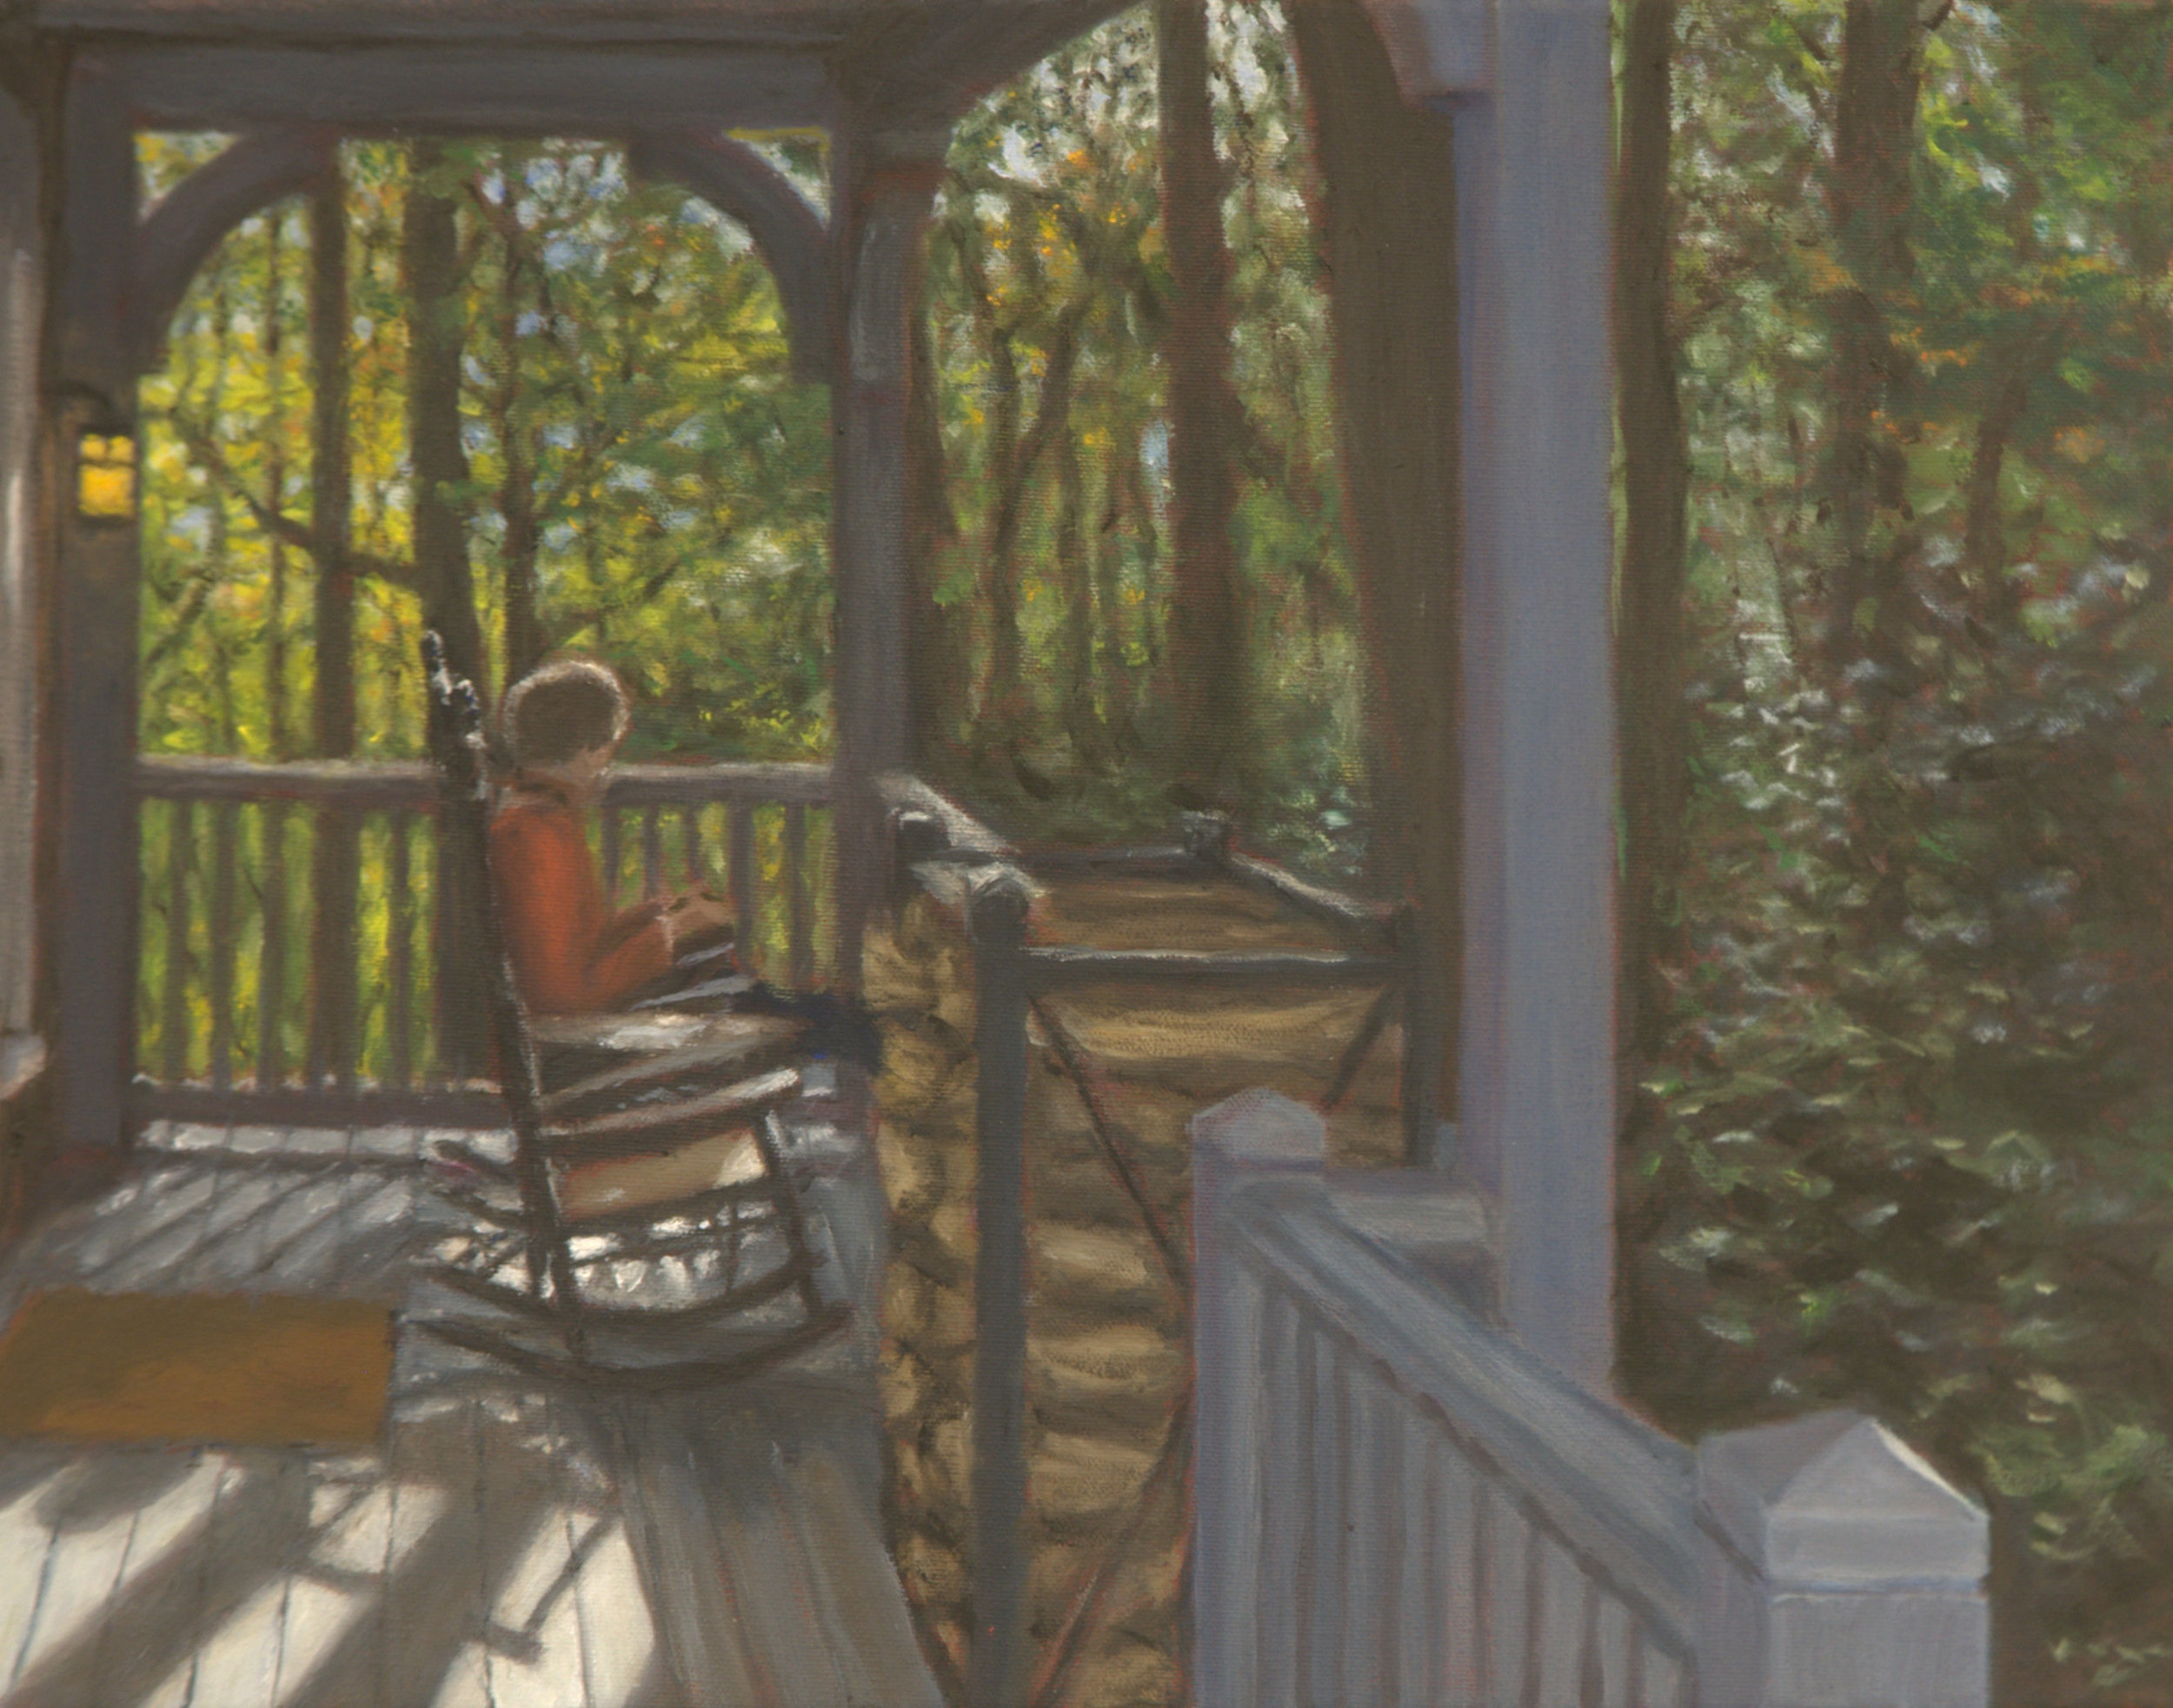 Cabin Porch